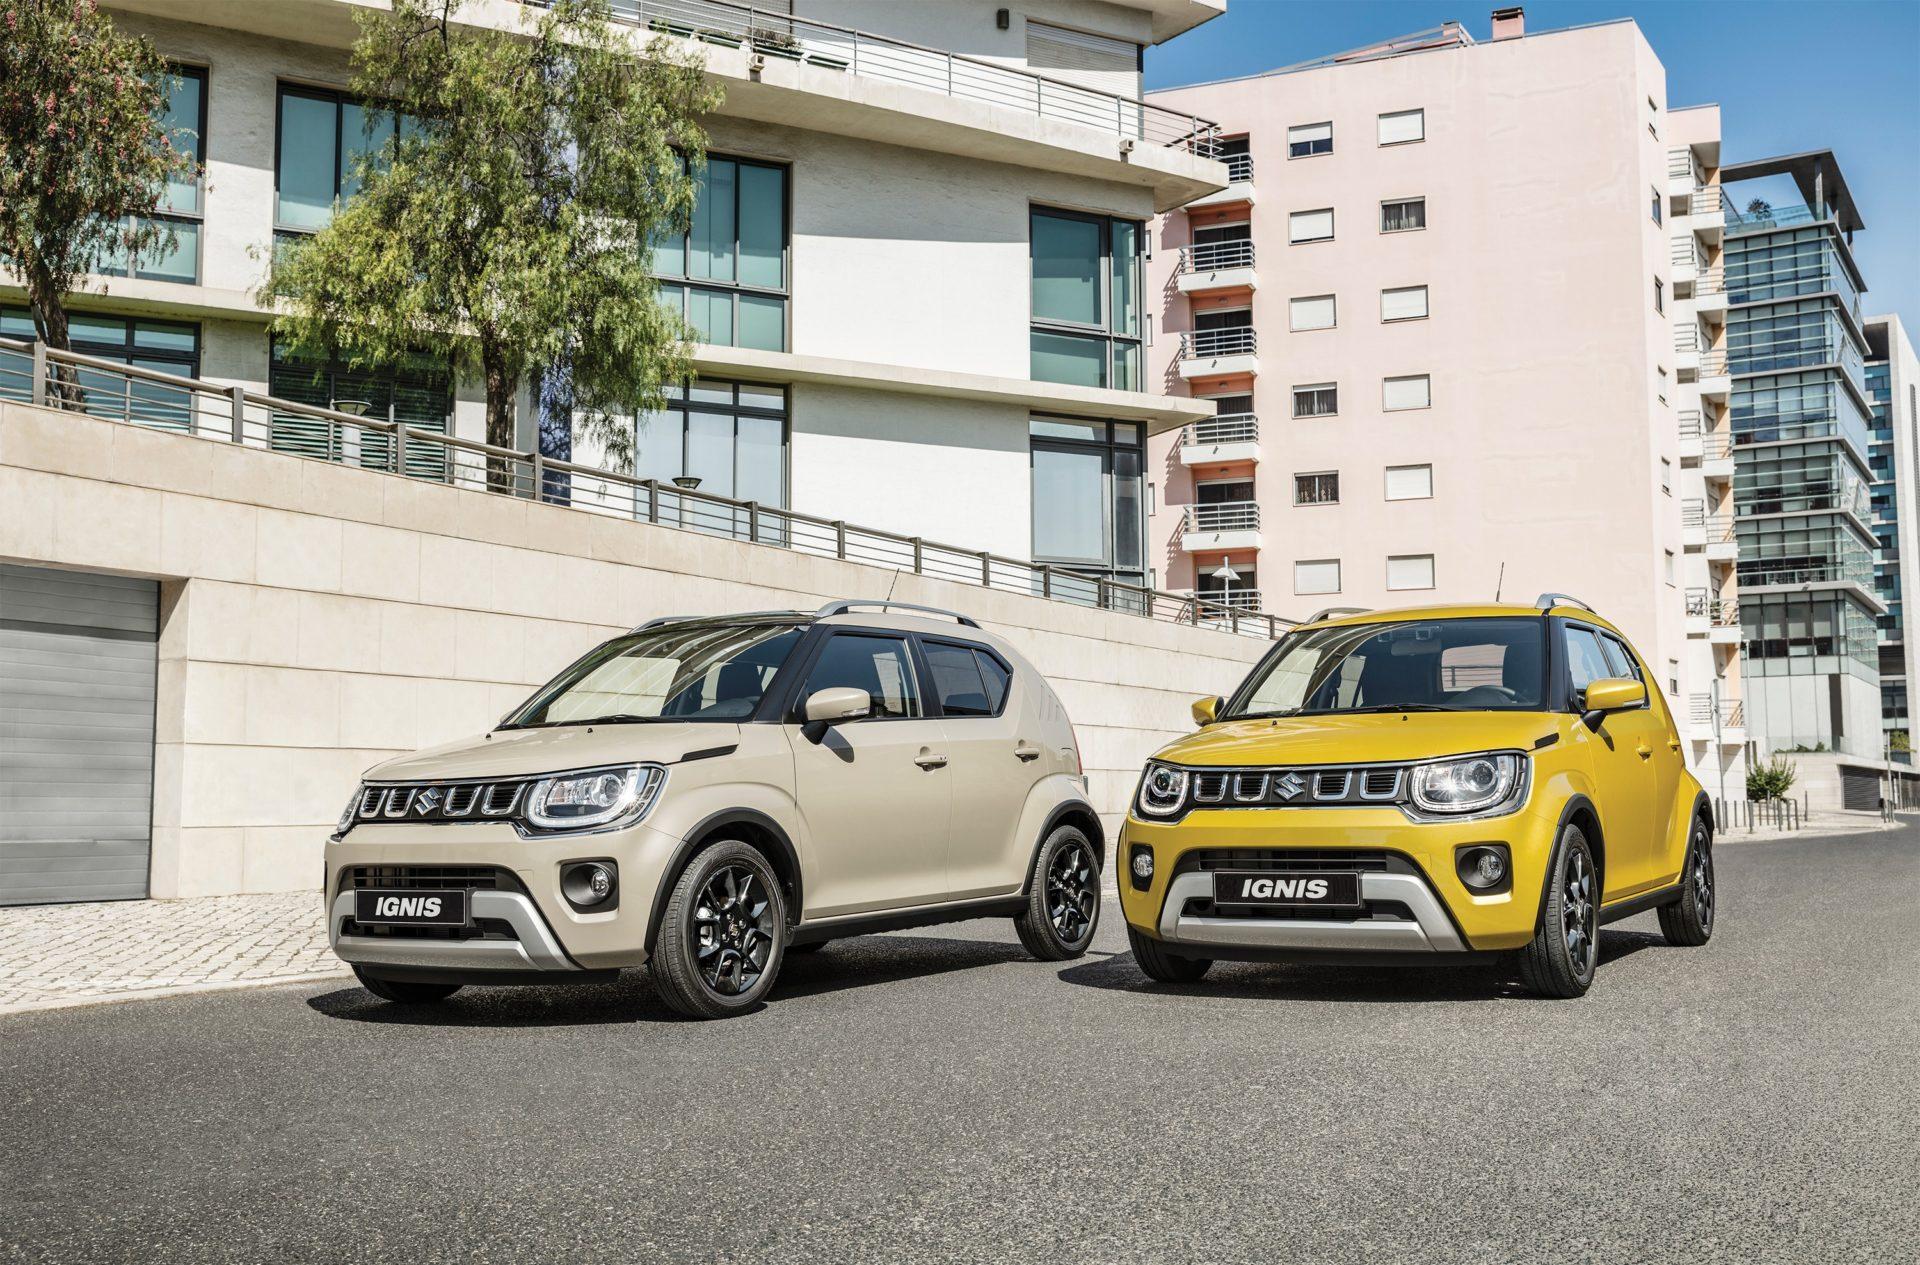 2020 Suzuki Ignis facelift revealed